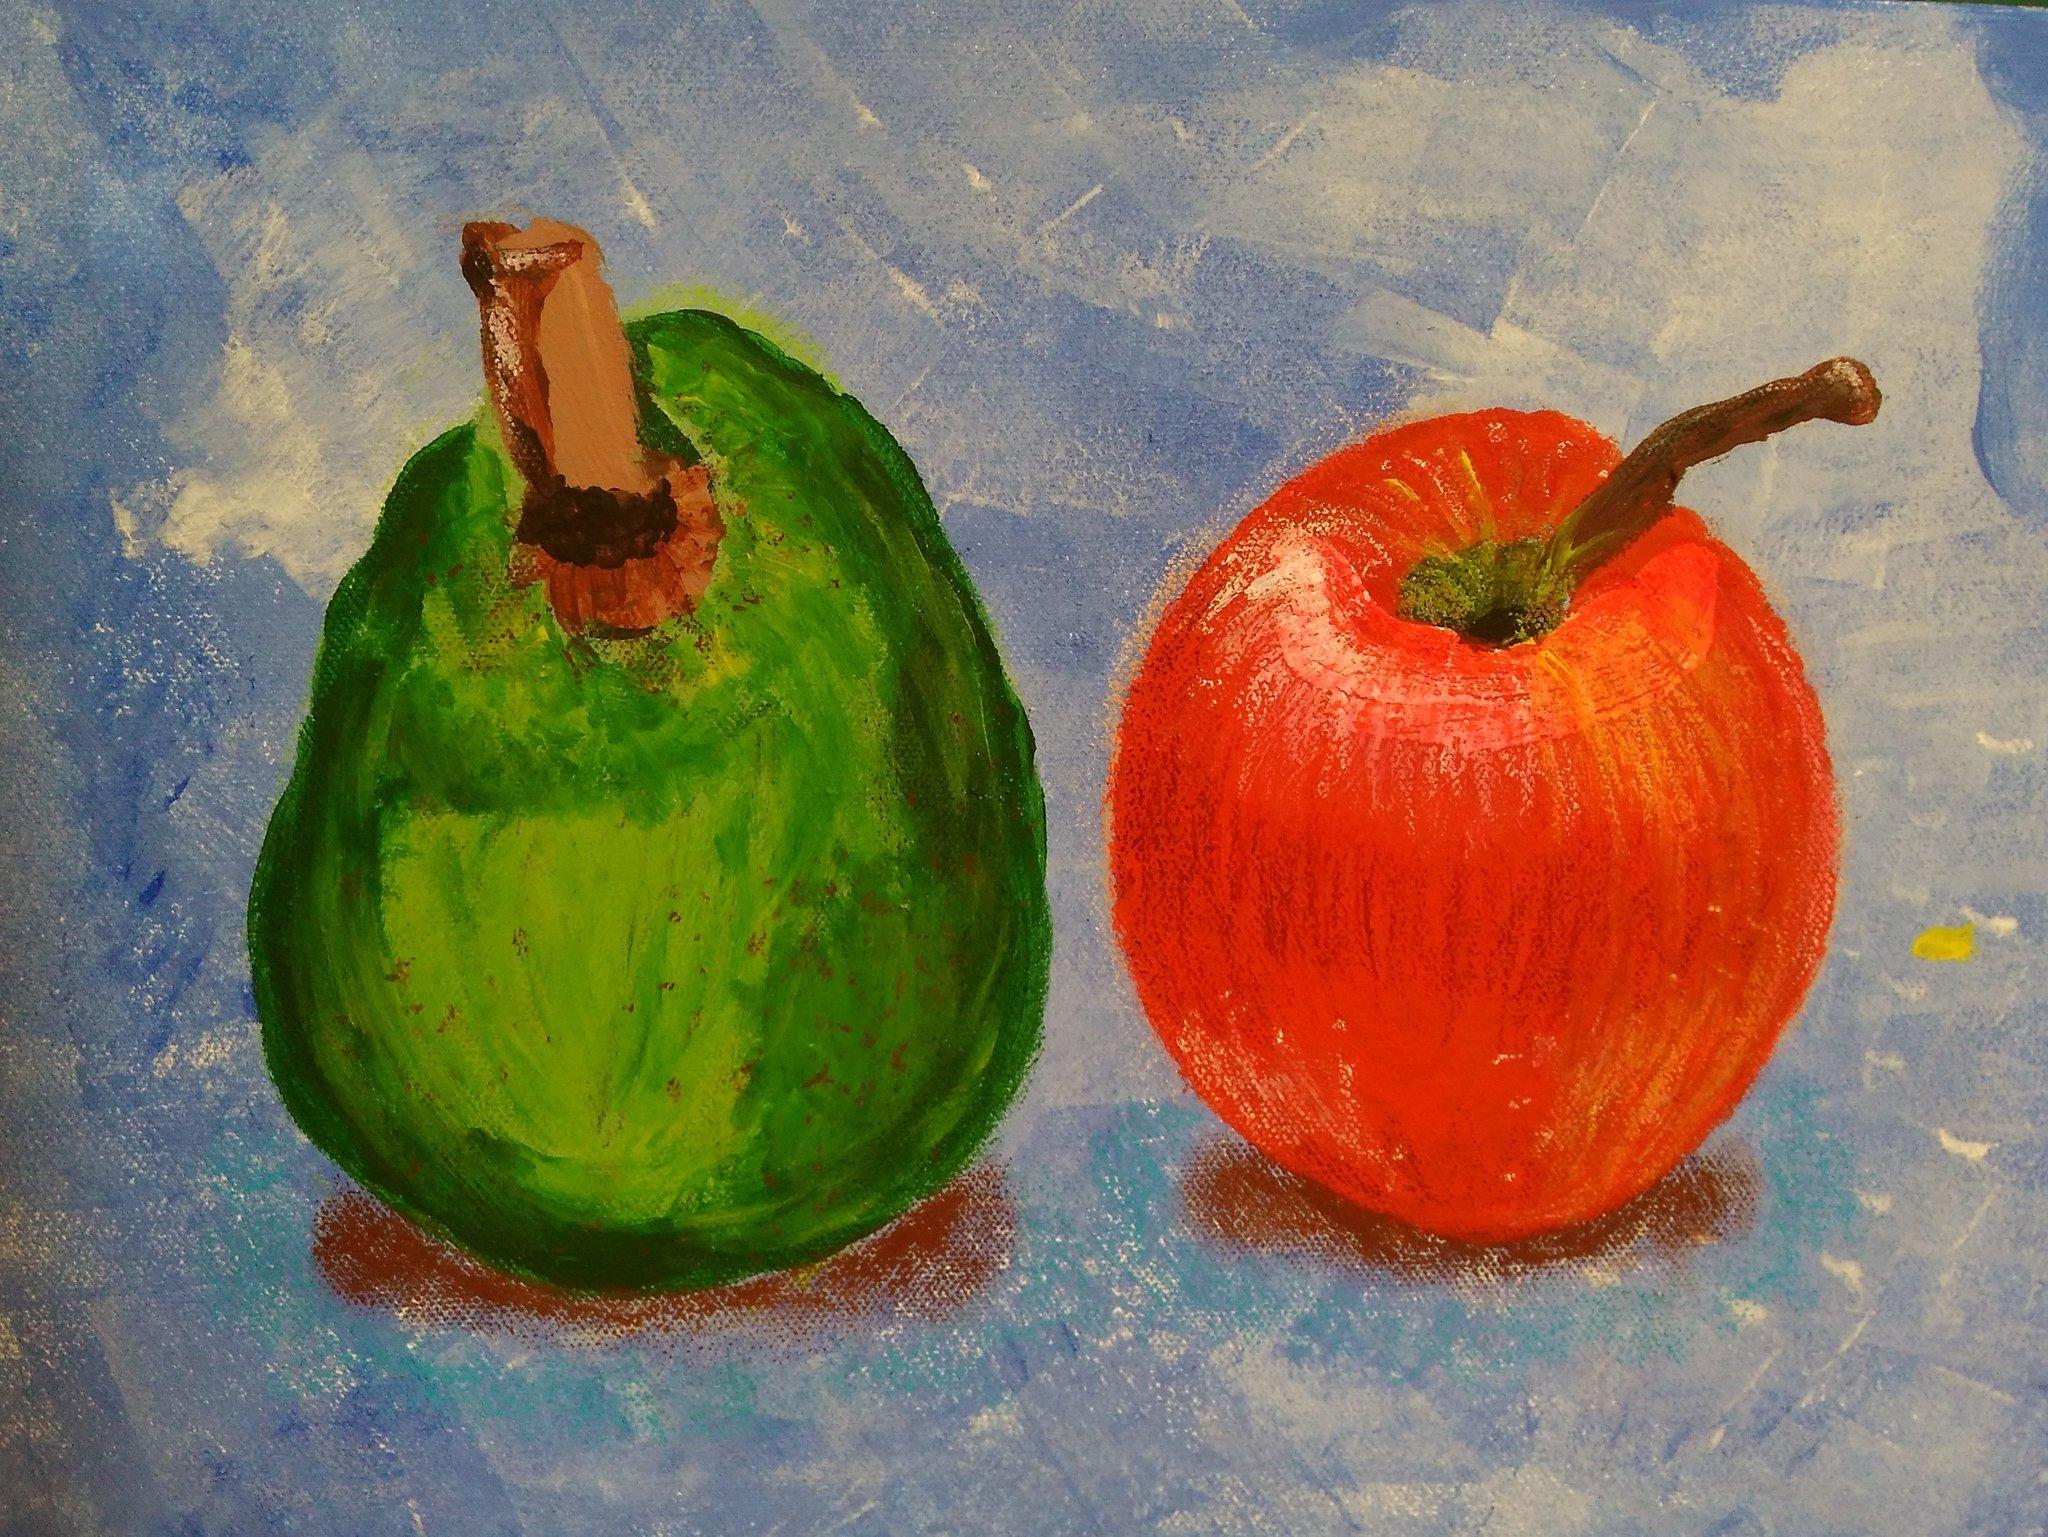 Äpfel.jpg